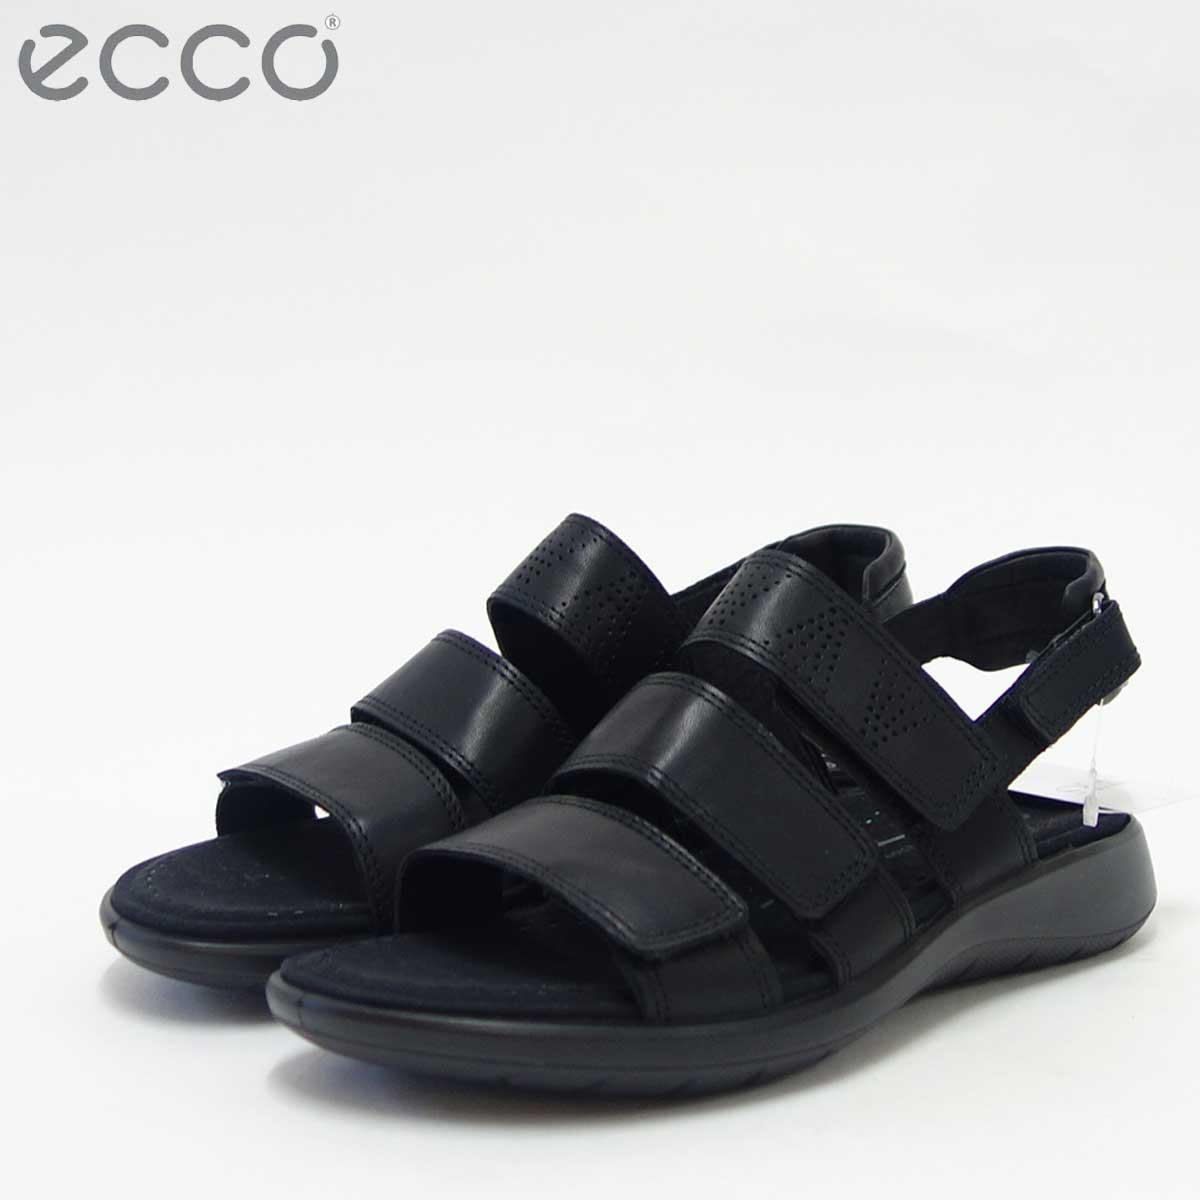 ECCO エコー 218523 ブラック快適な履き心地の4点ストラップサンダル天然皮革コンフォートサンダル(レディース)「靴」